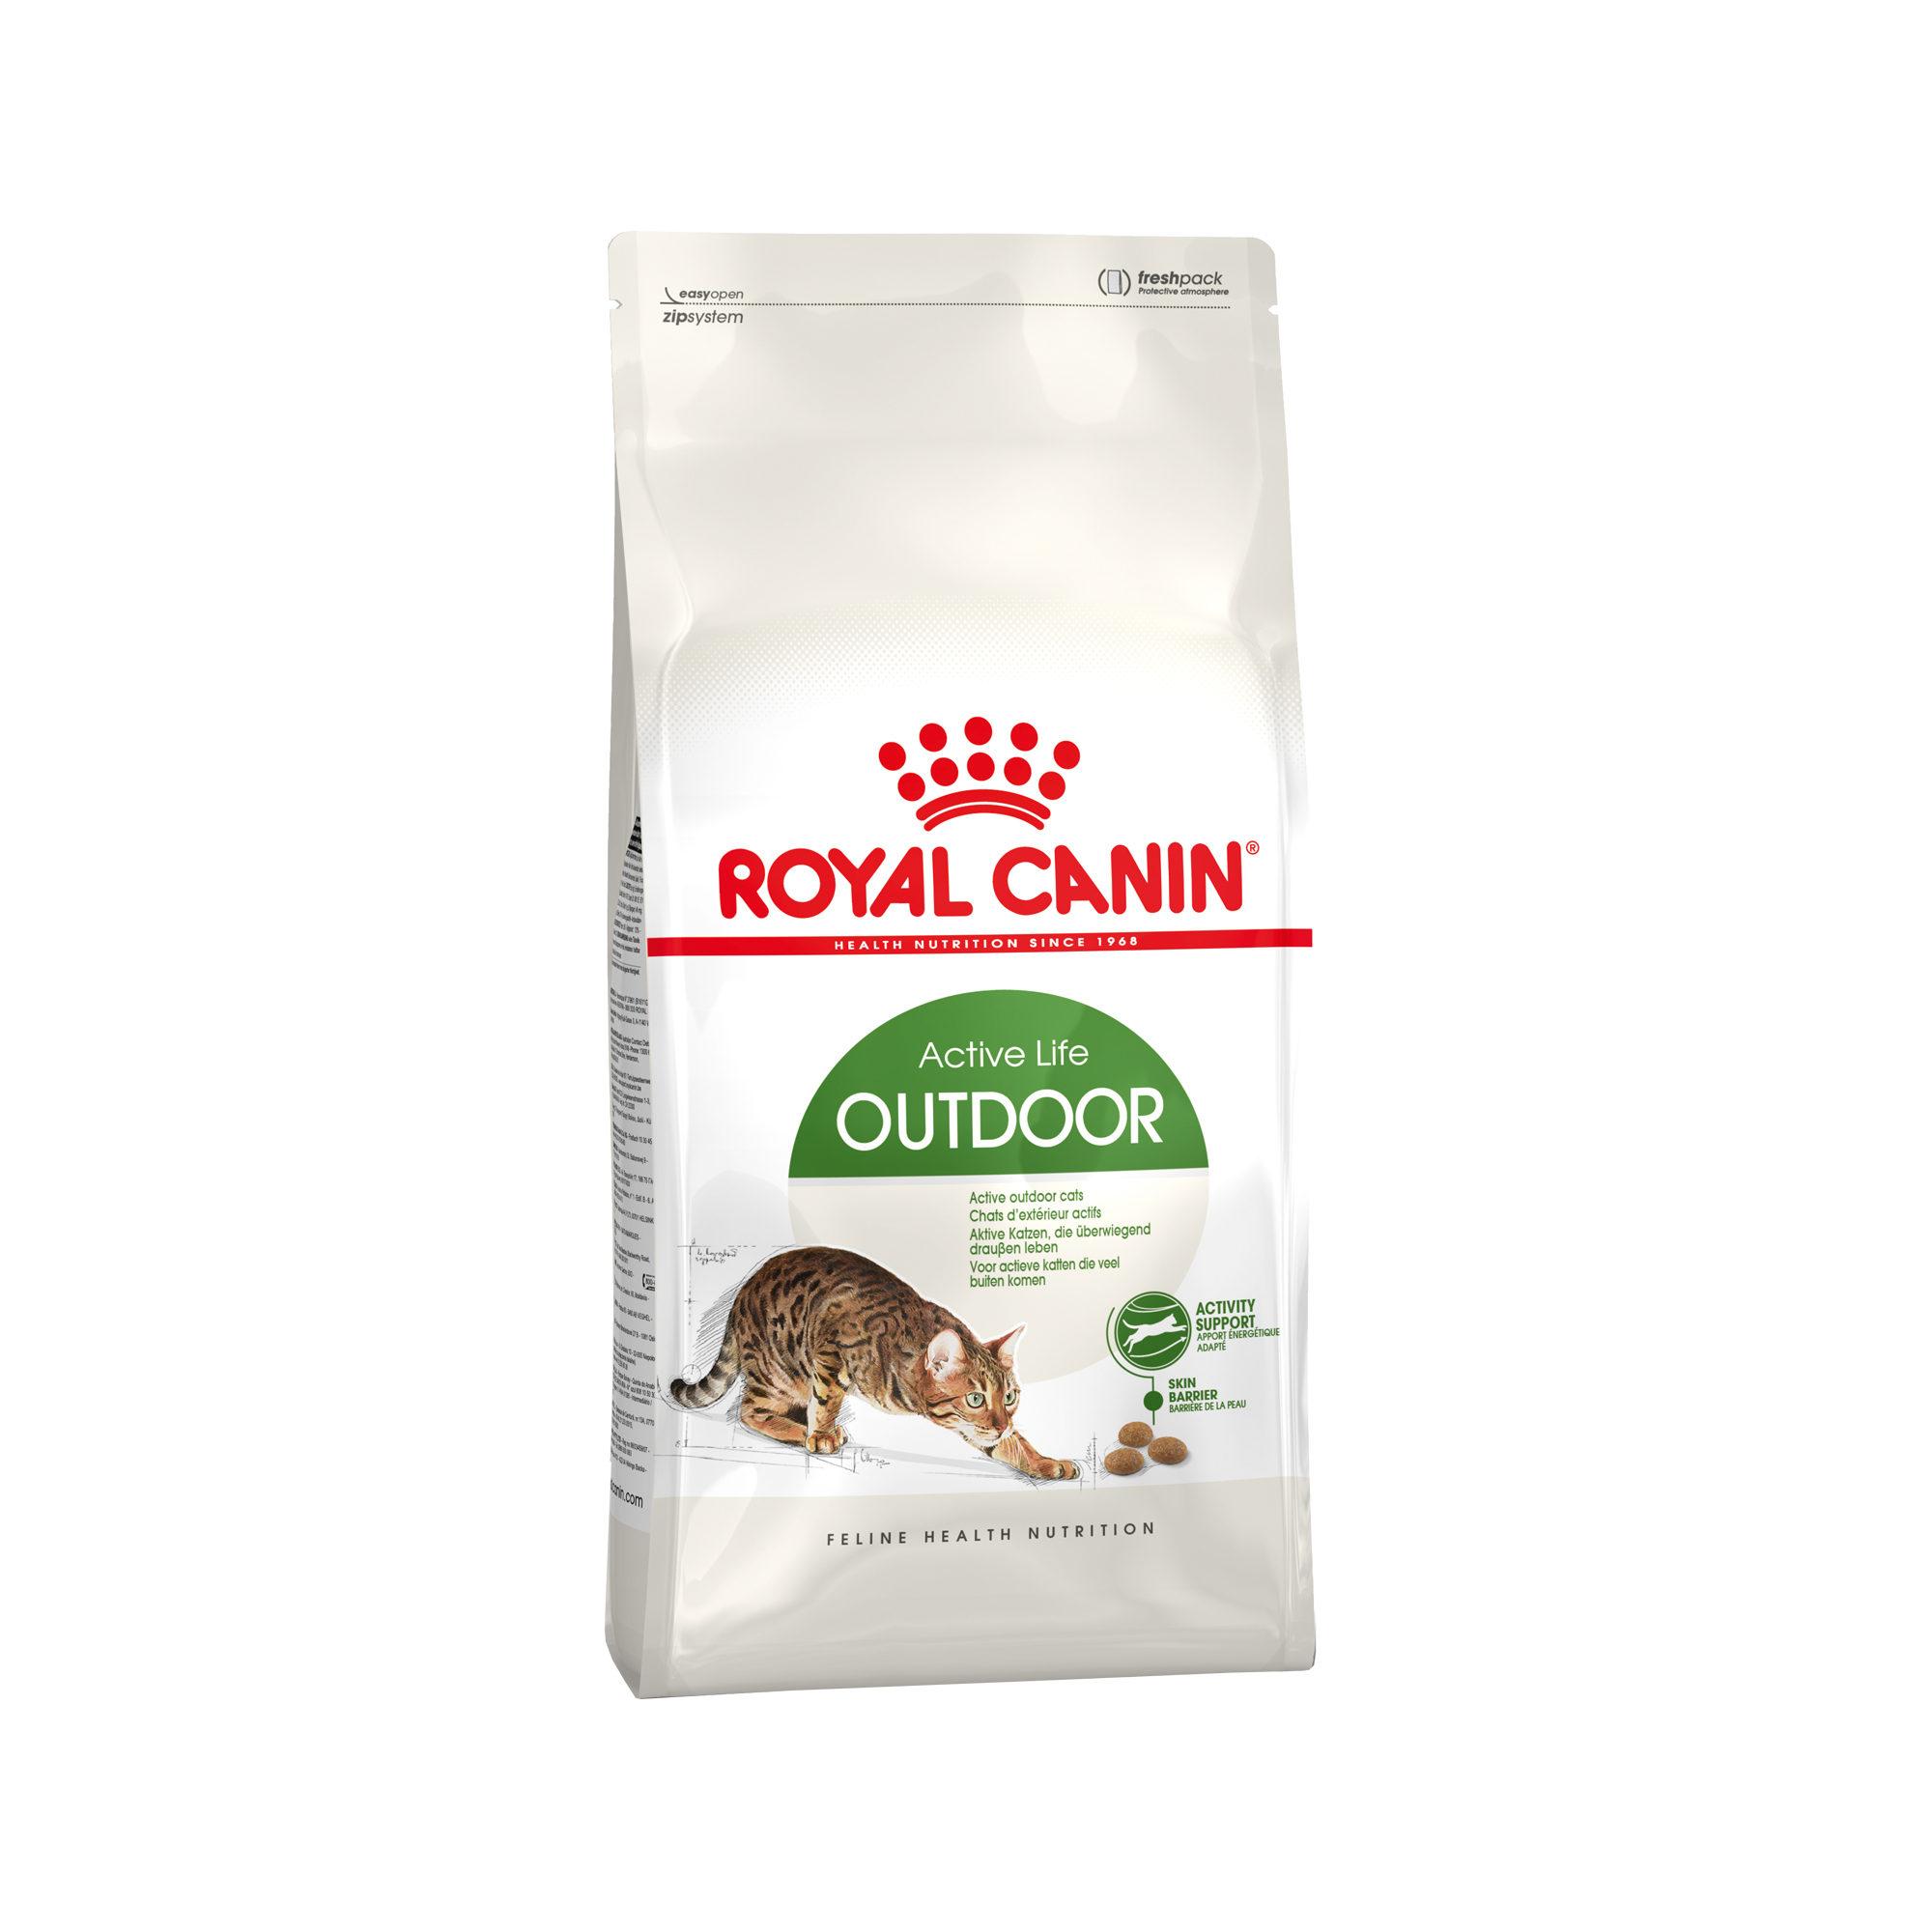 Royal Canin Outdoor Katzenfutter